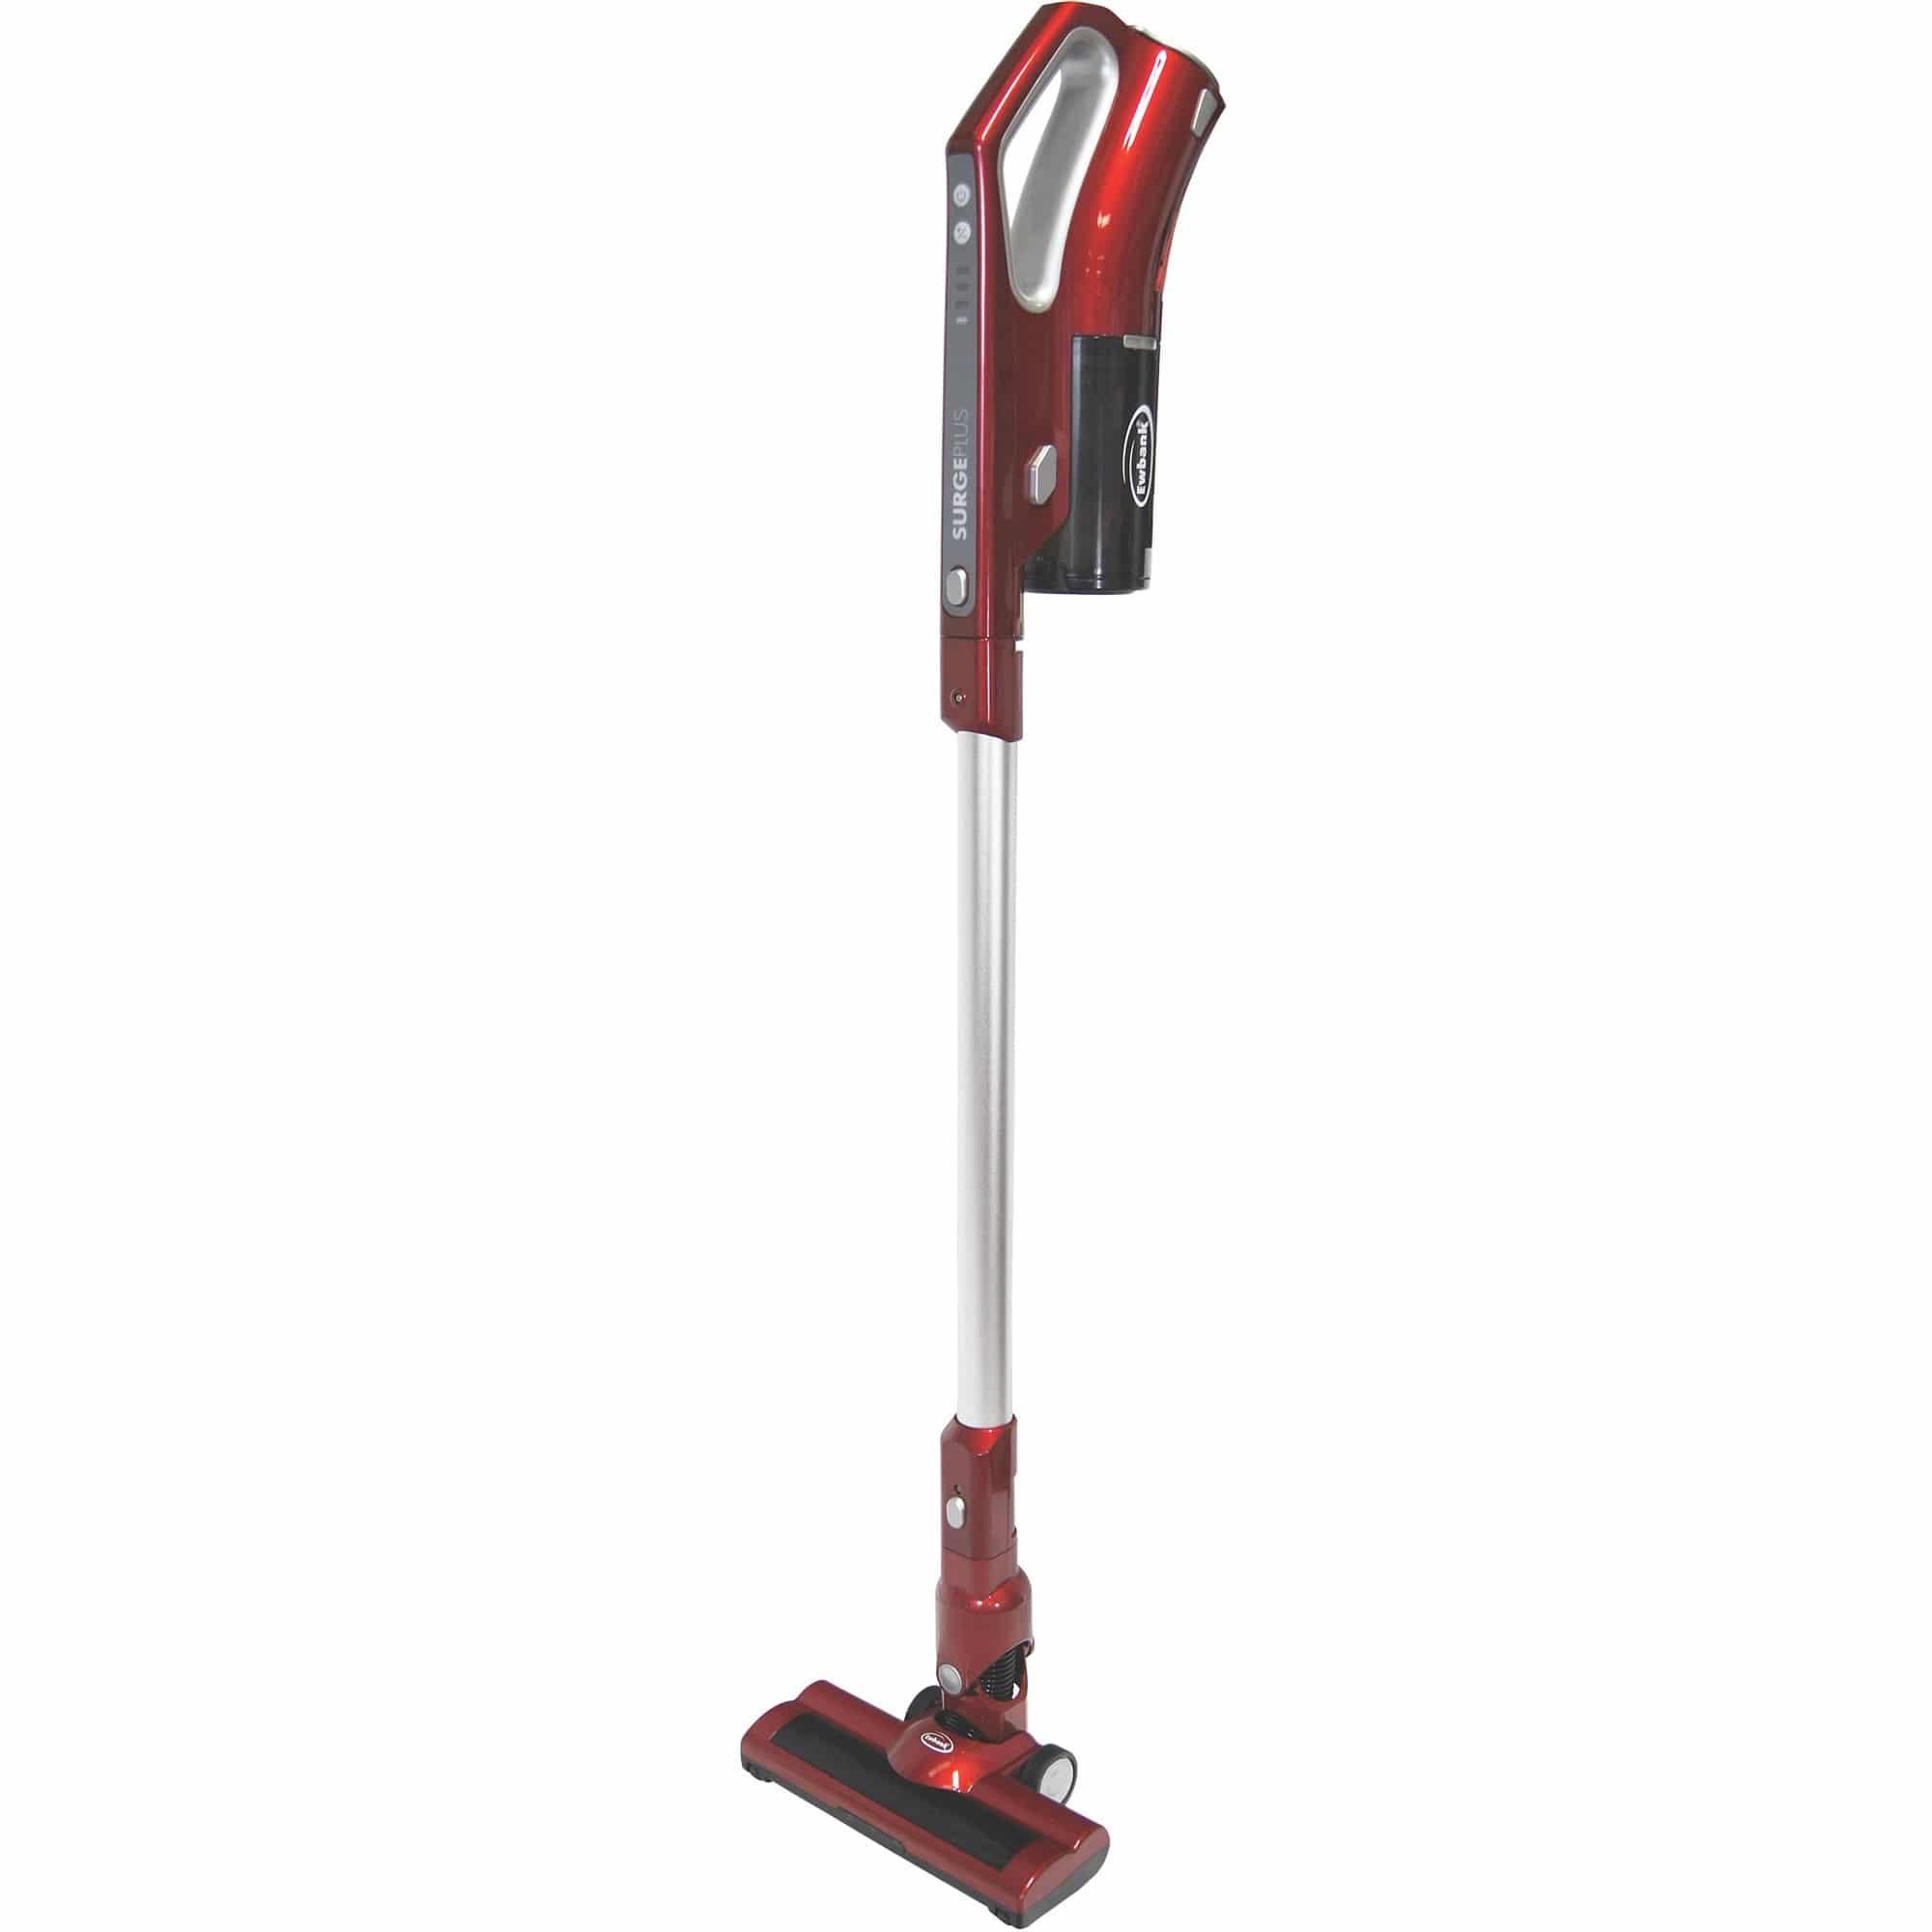 SurgePlus Cordless Stick Vacuum Cleaner